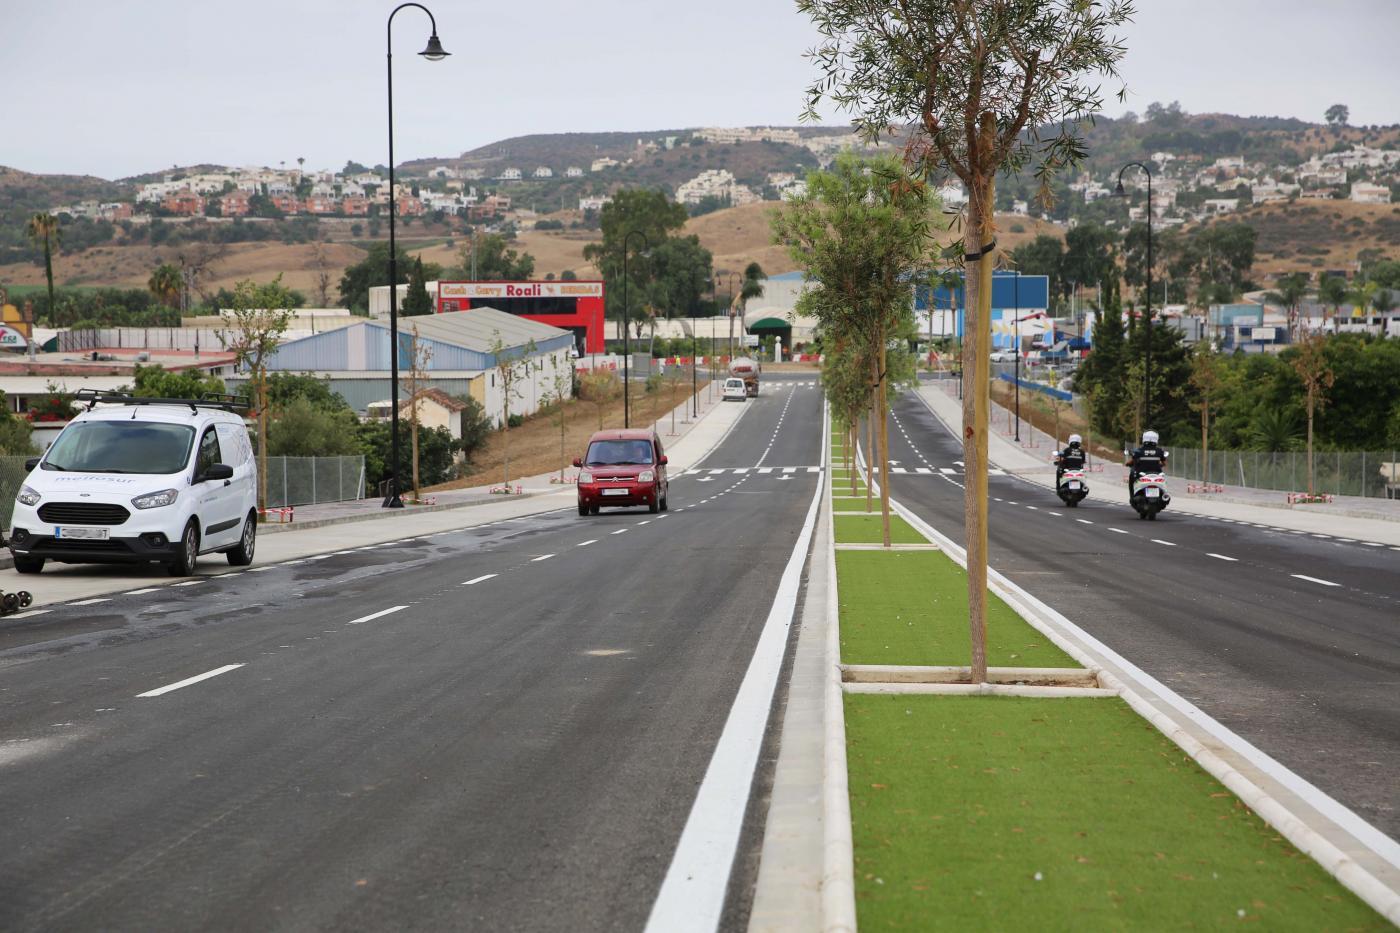 La avenida cuenta también con aceras de casi tres metros en cada lado así como aparcamientos en línea de dos metros.